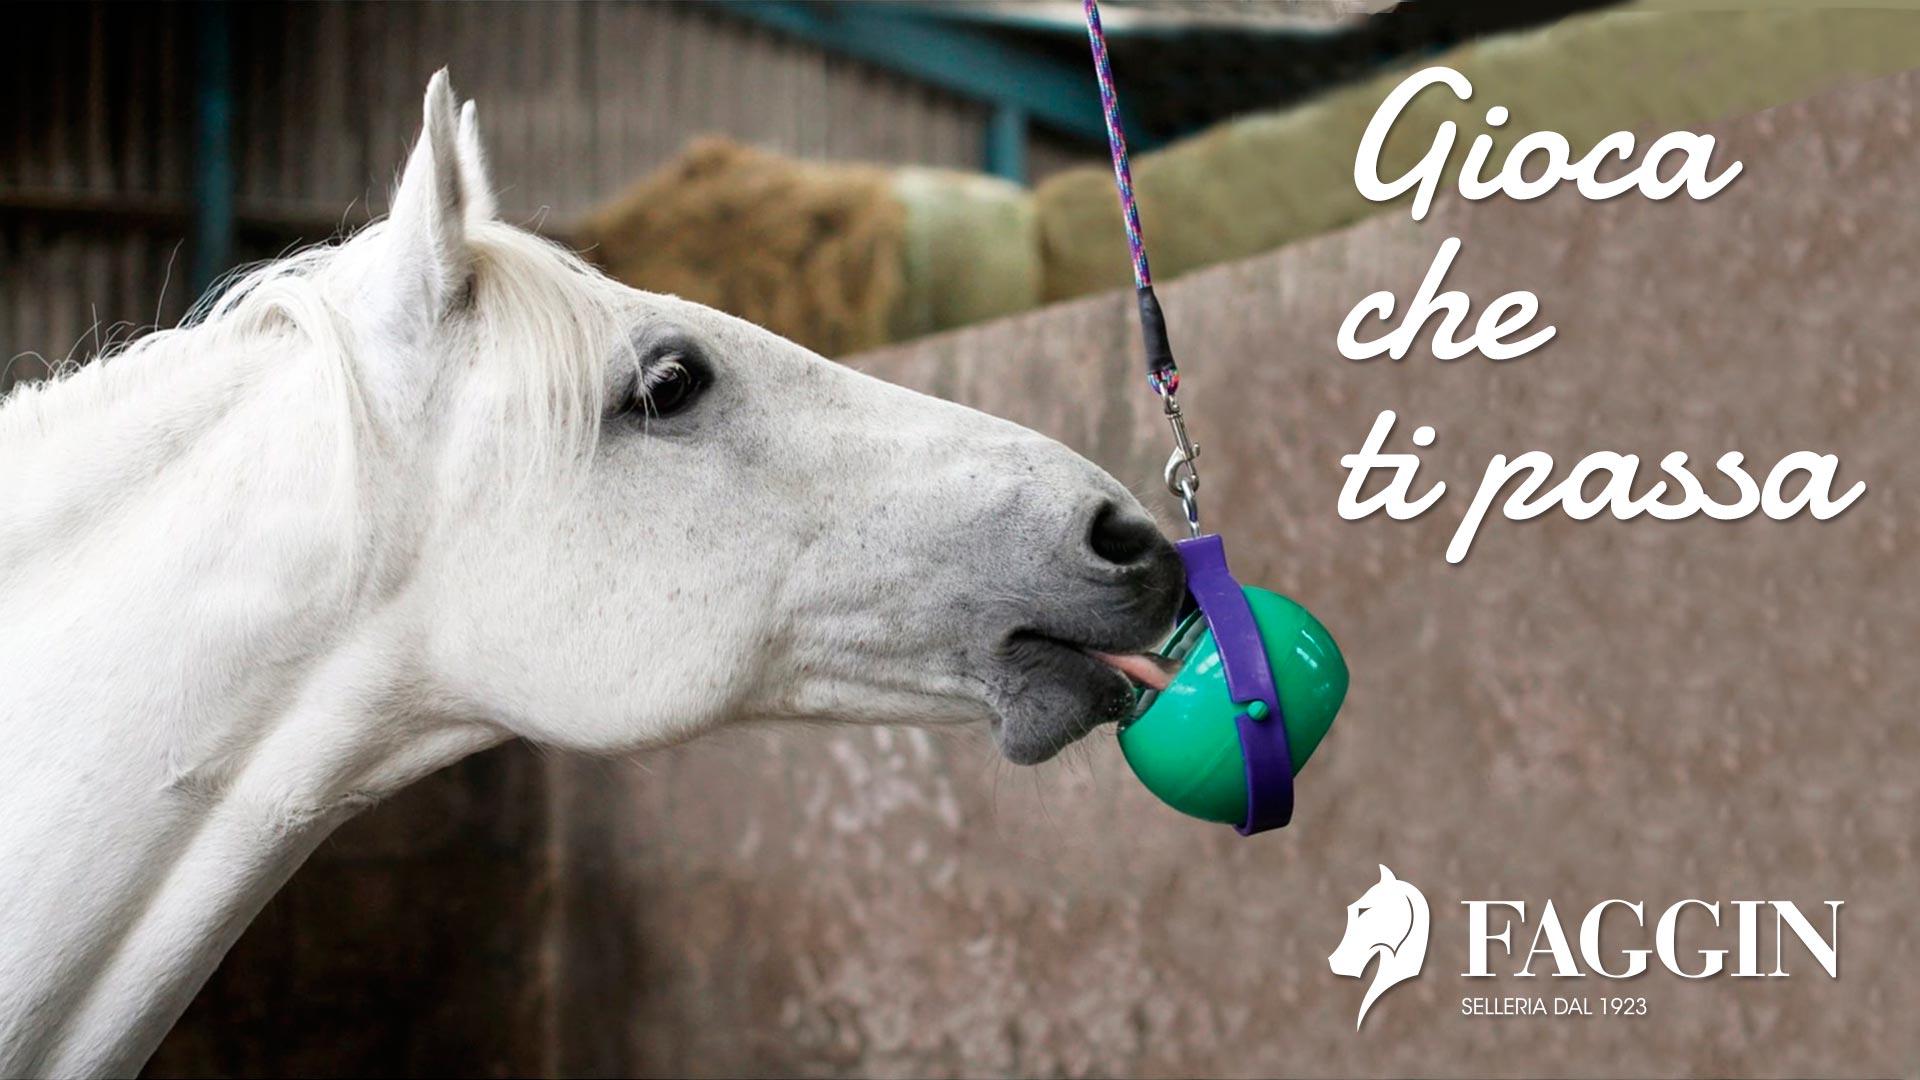 Gioca che ti passa: consigli su come evitare lo stress dei cavalli in questo periodo di inattività